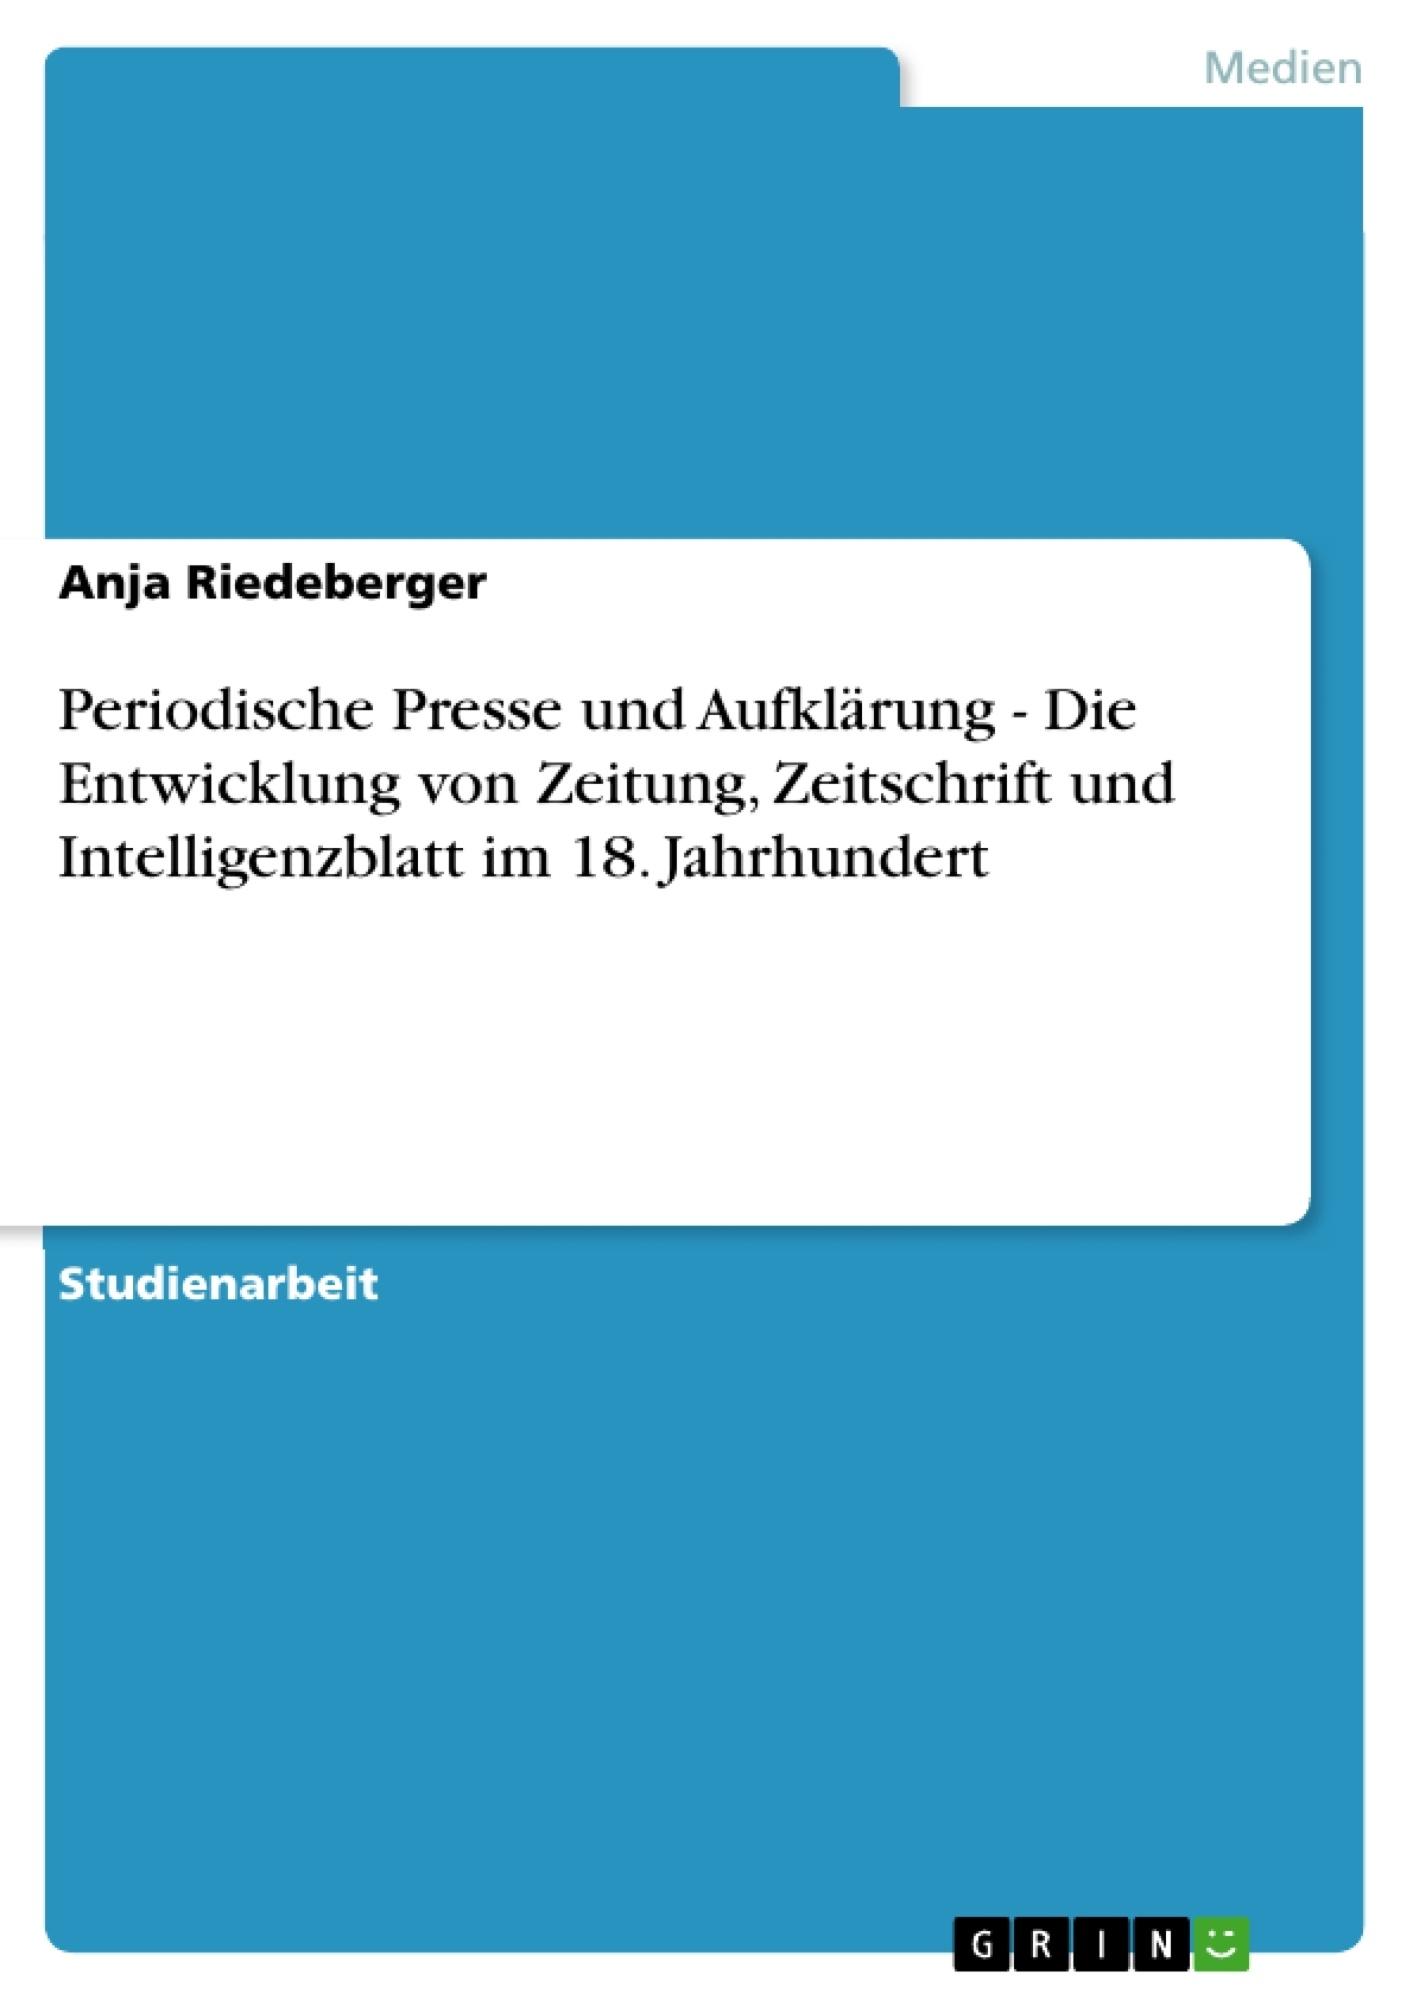 Titel: Periodische Presse und Aufklärung - Die Entwicklung von Zeitung, Zeitschrift und Intelligenzblatt im 18. Jahrhundert